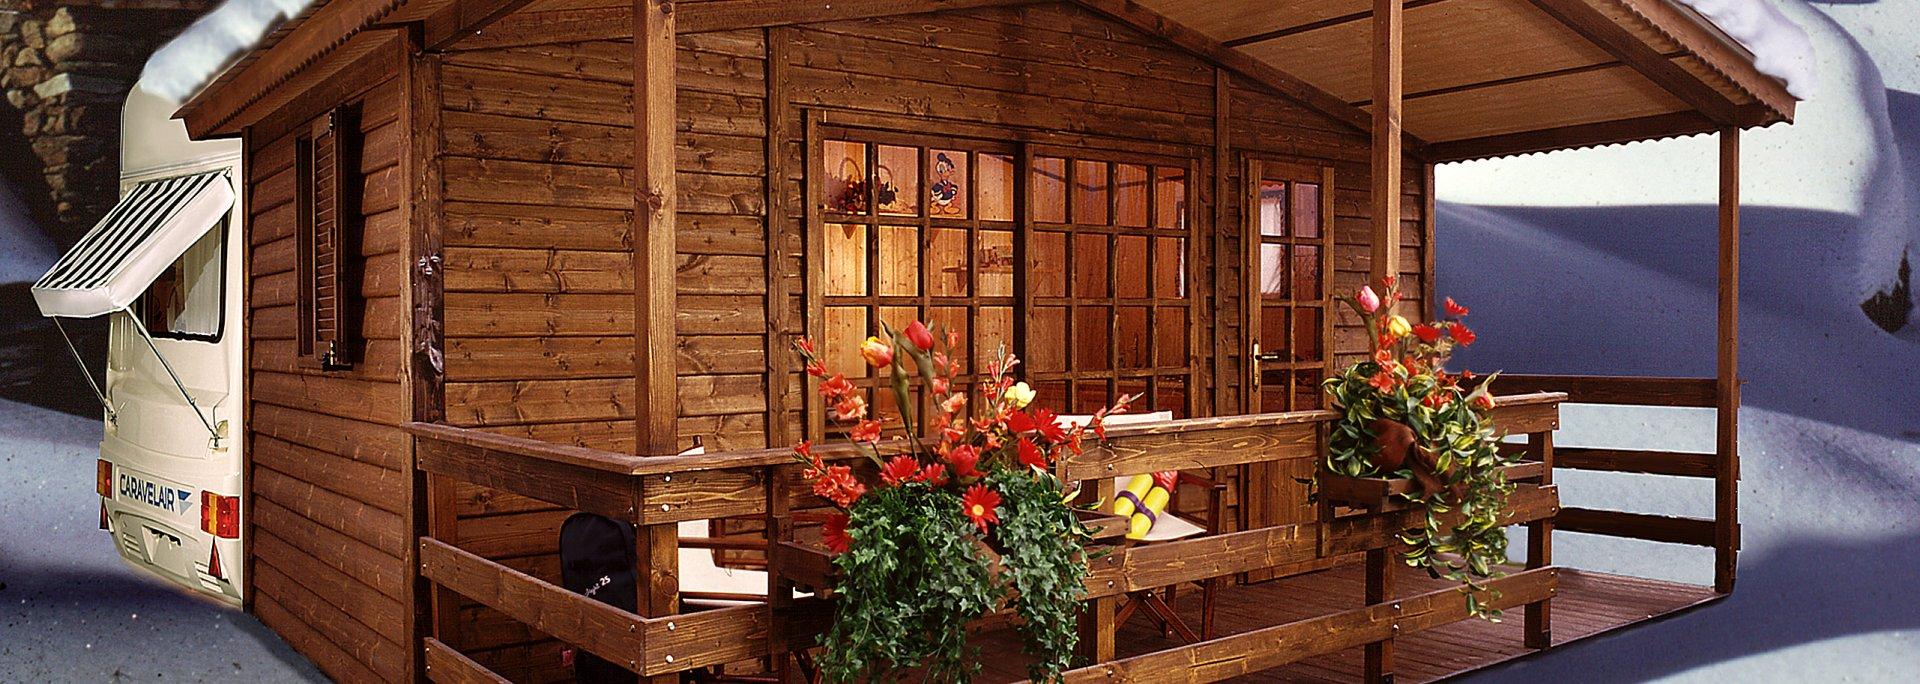 Clemente prefabbricati in legno case mobili bungalow for Regalo casa mobile